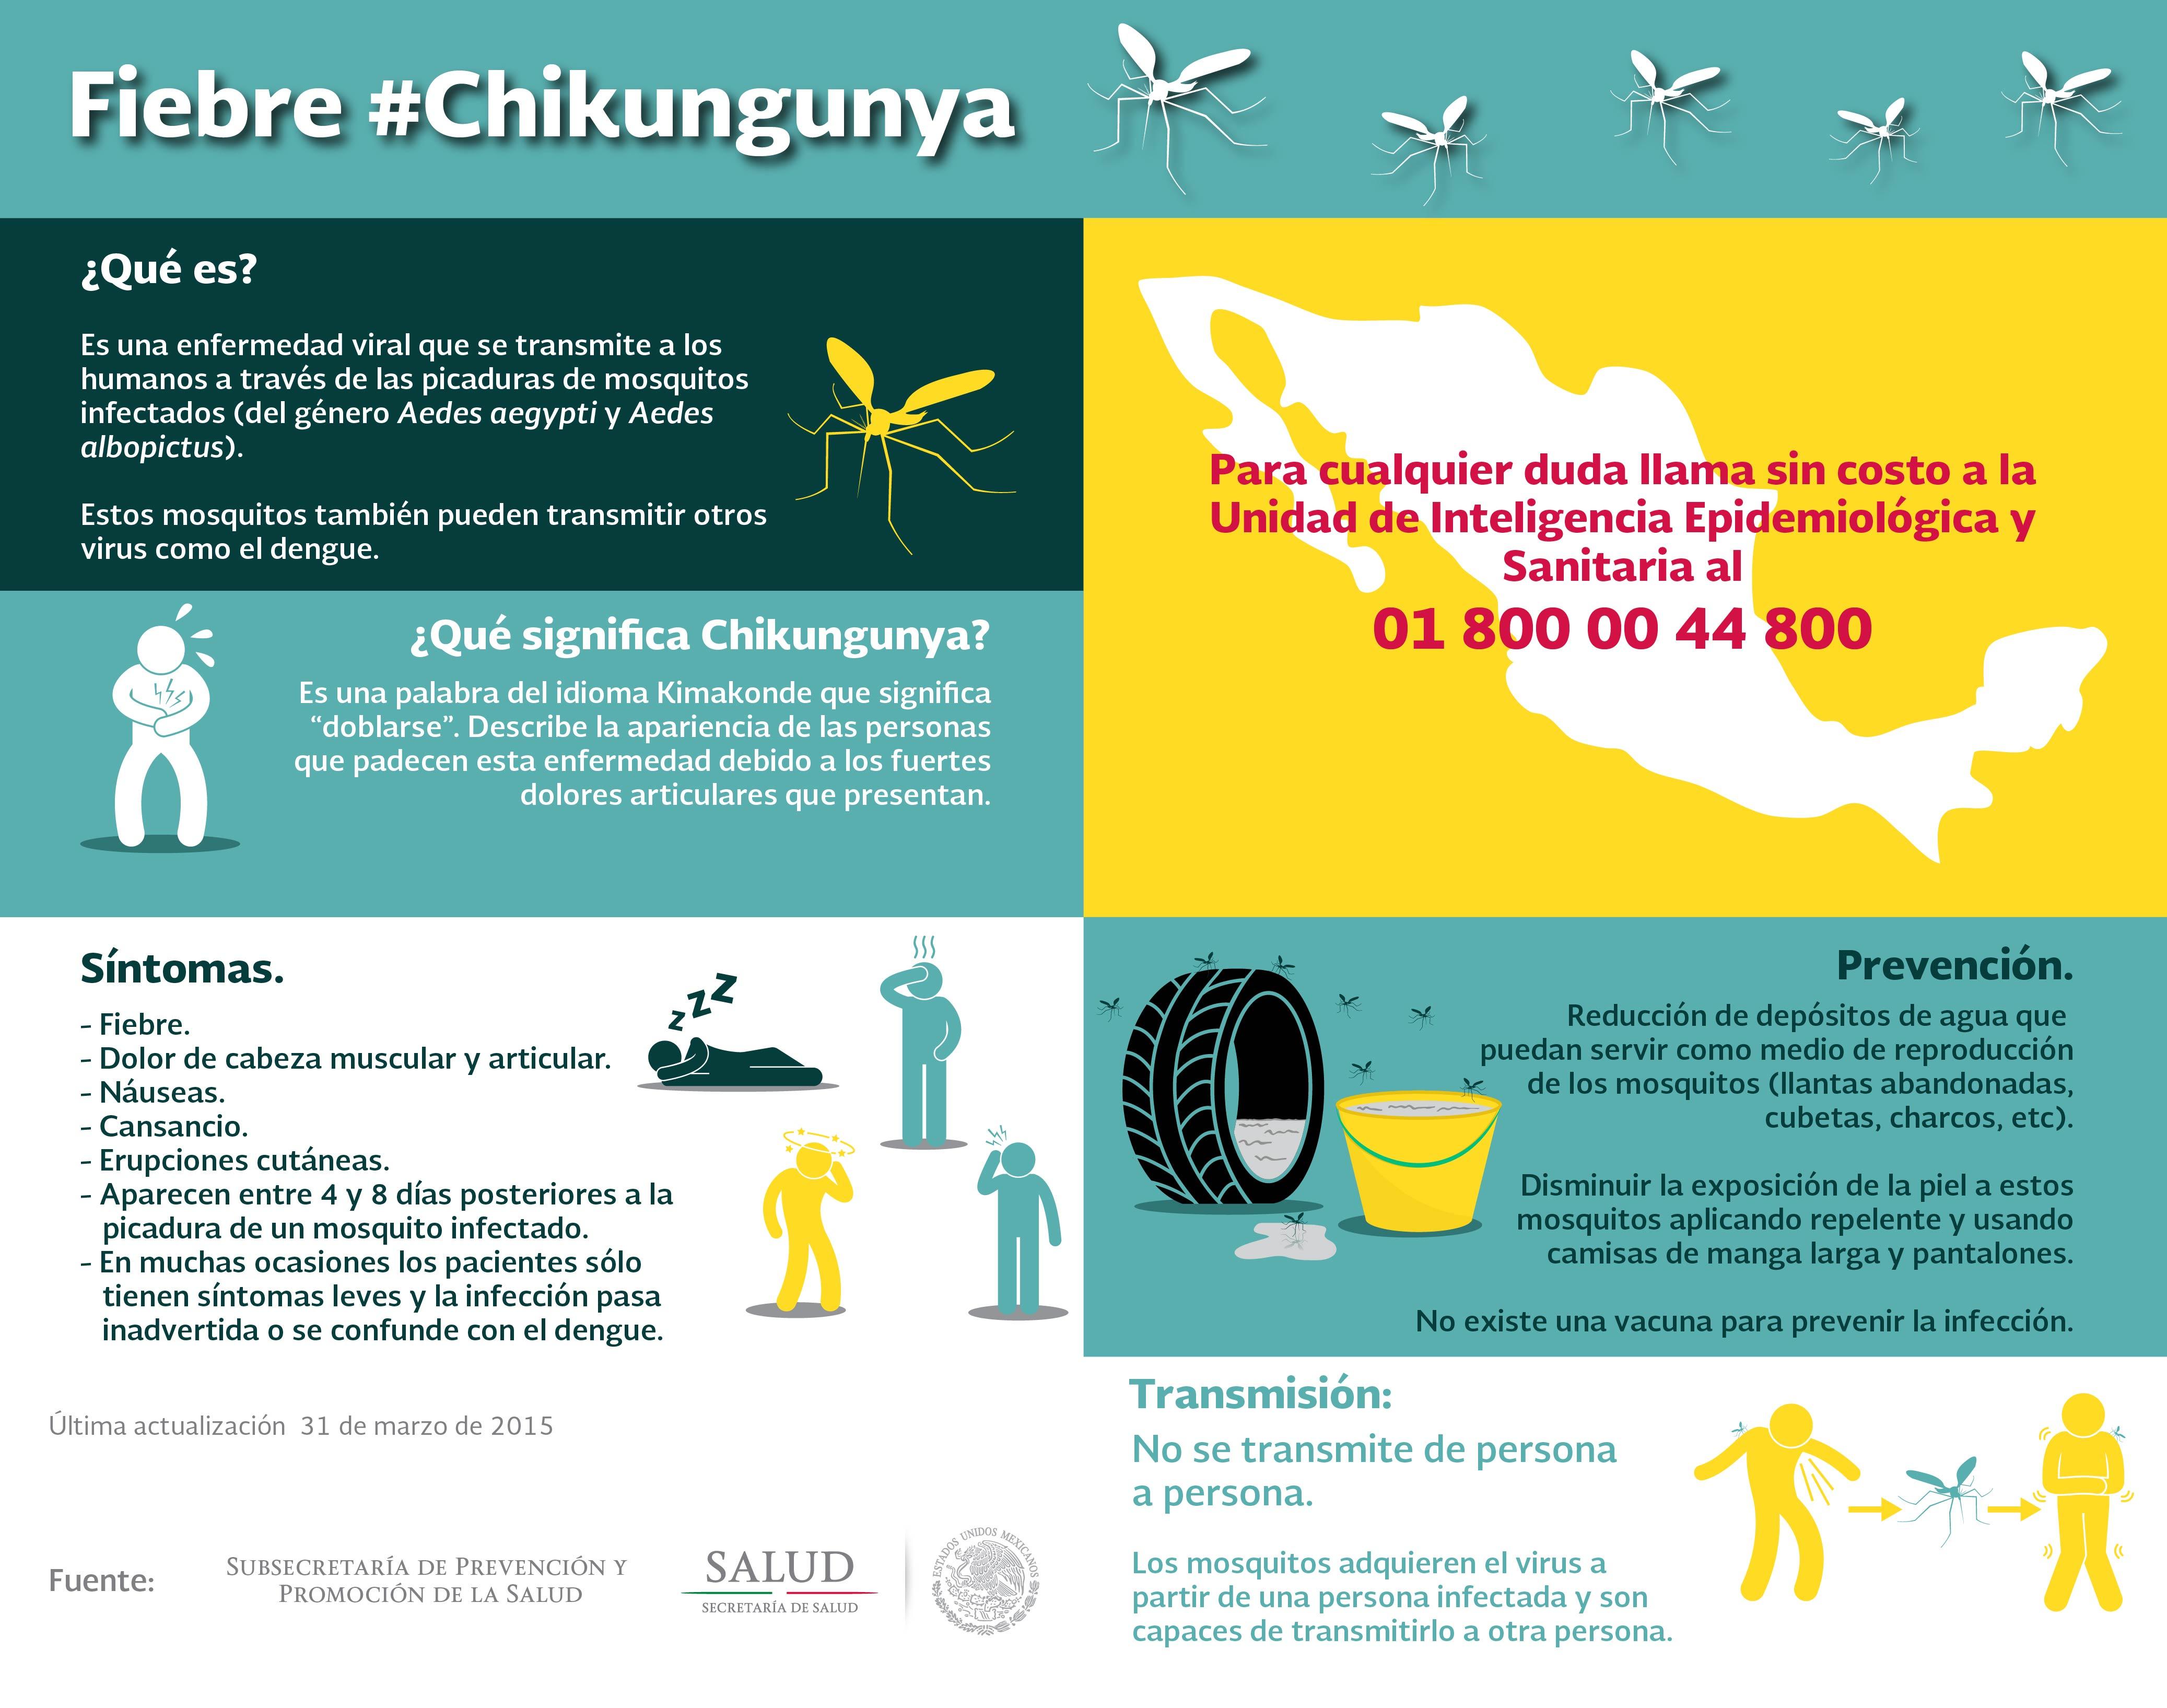 fiebre chikungunyajpg